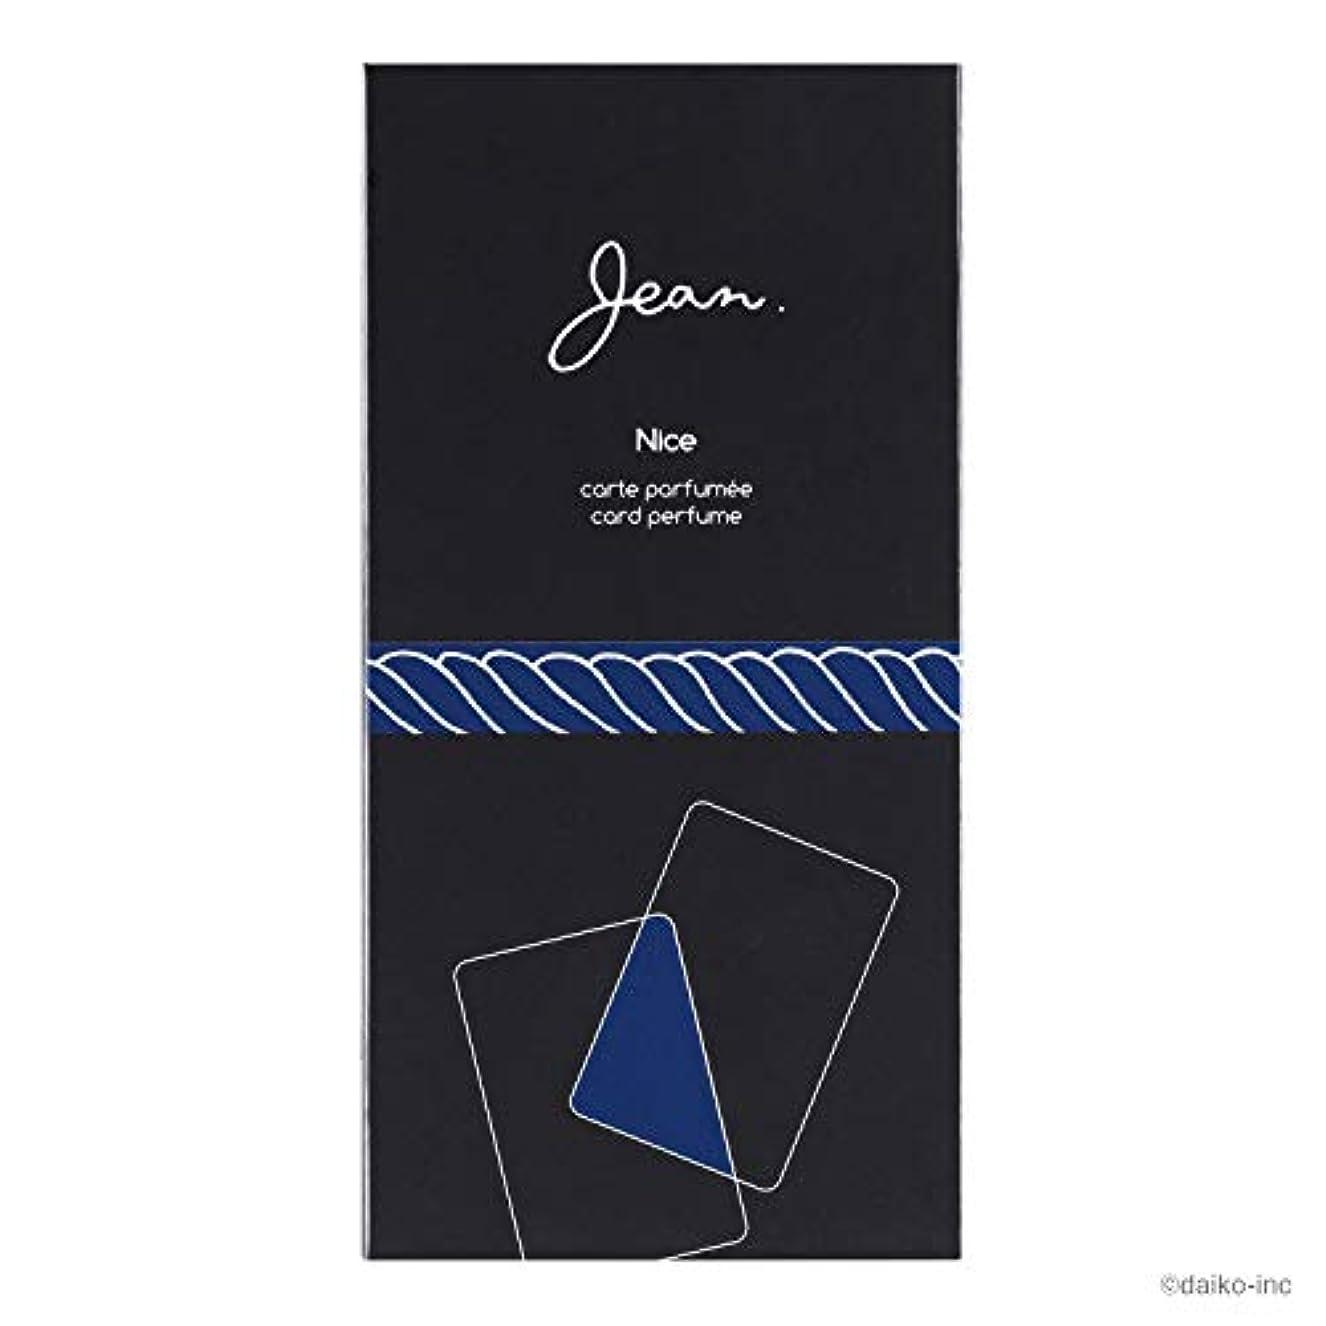 理解するスタック十年Jean.カードパフューム ニース